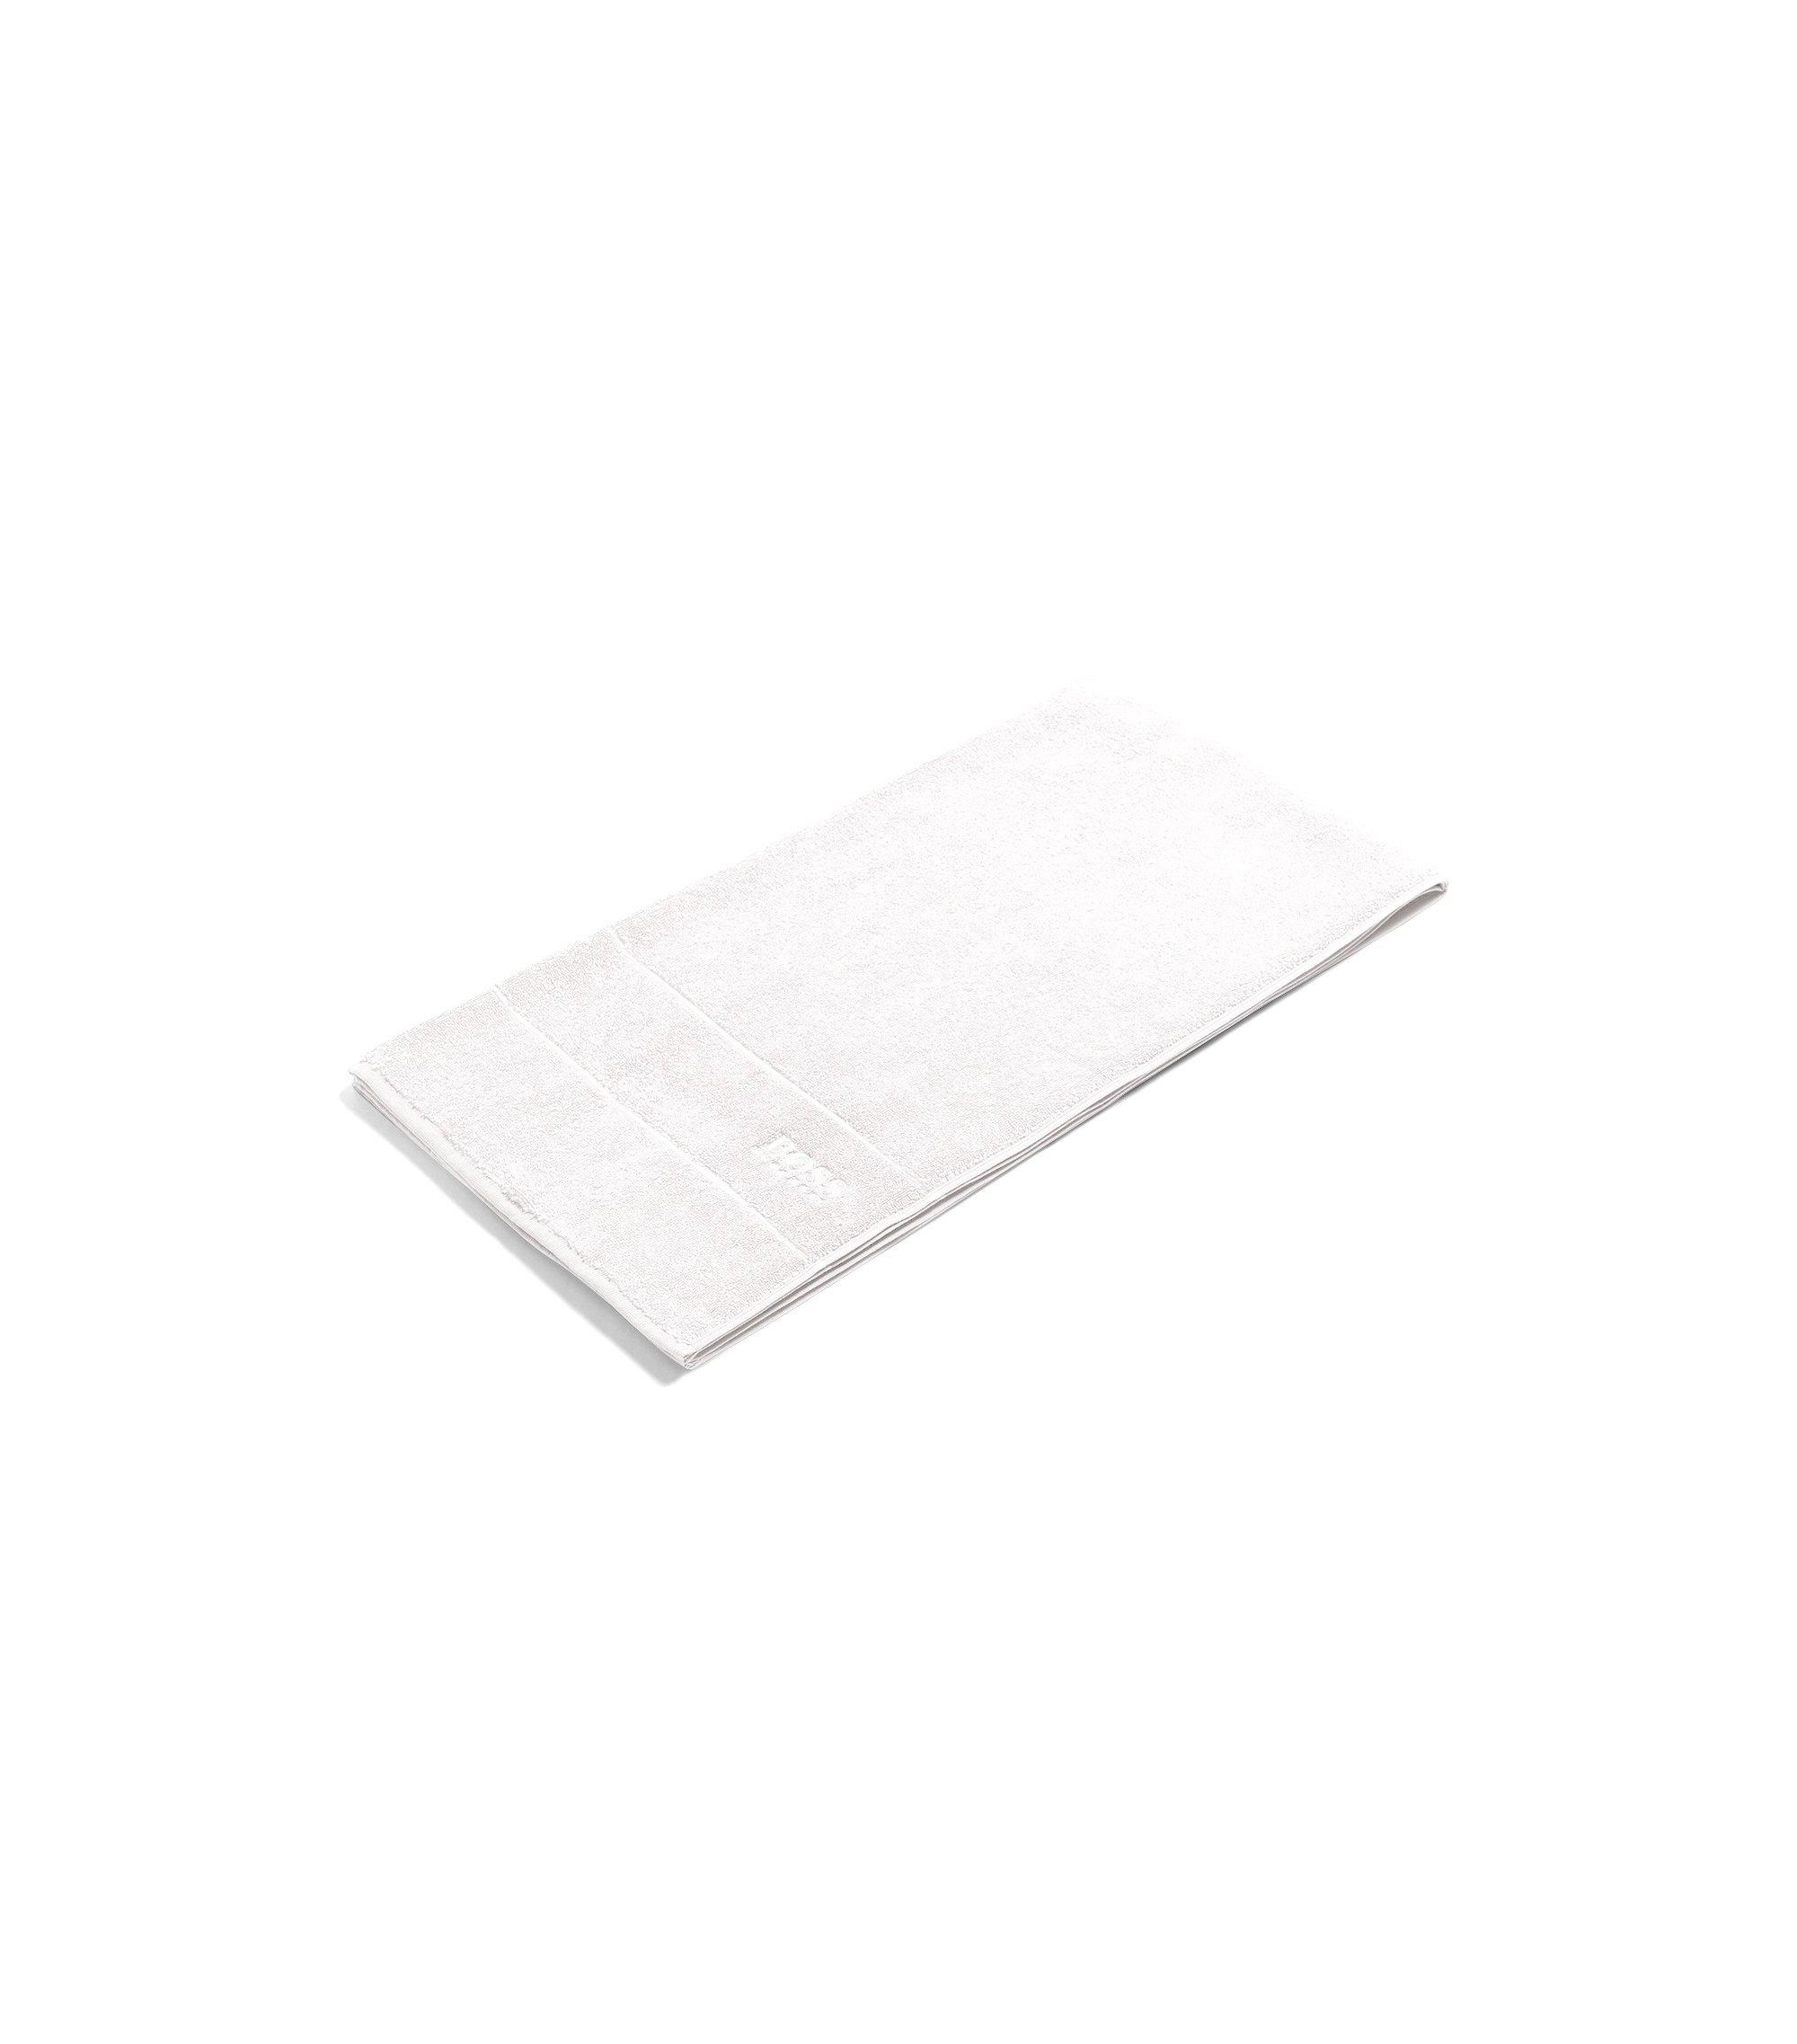 Badhanddoek van de fijnste Egyptische katoen met rand met logo, Wit